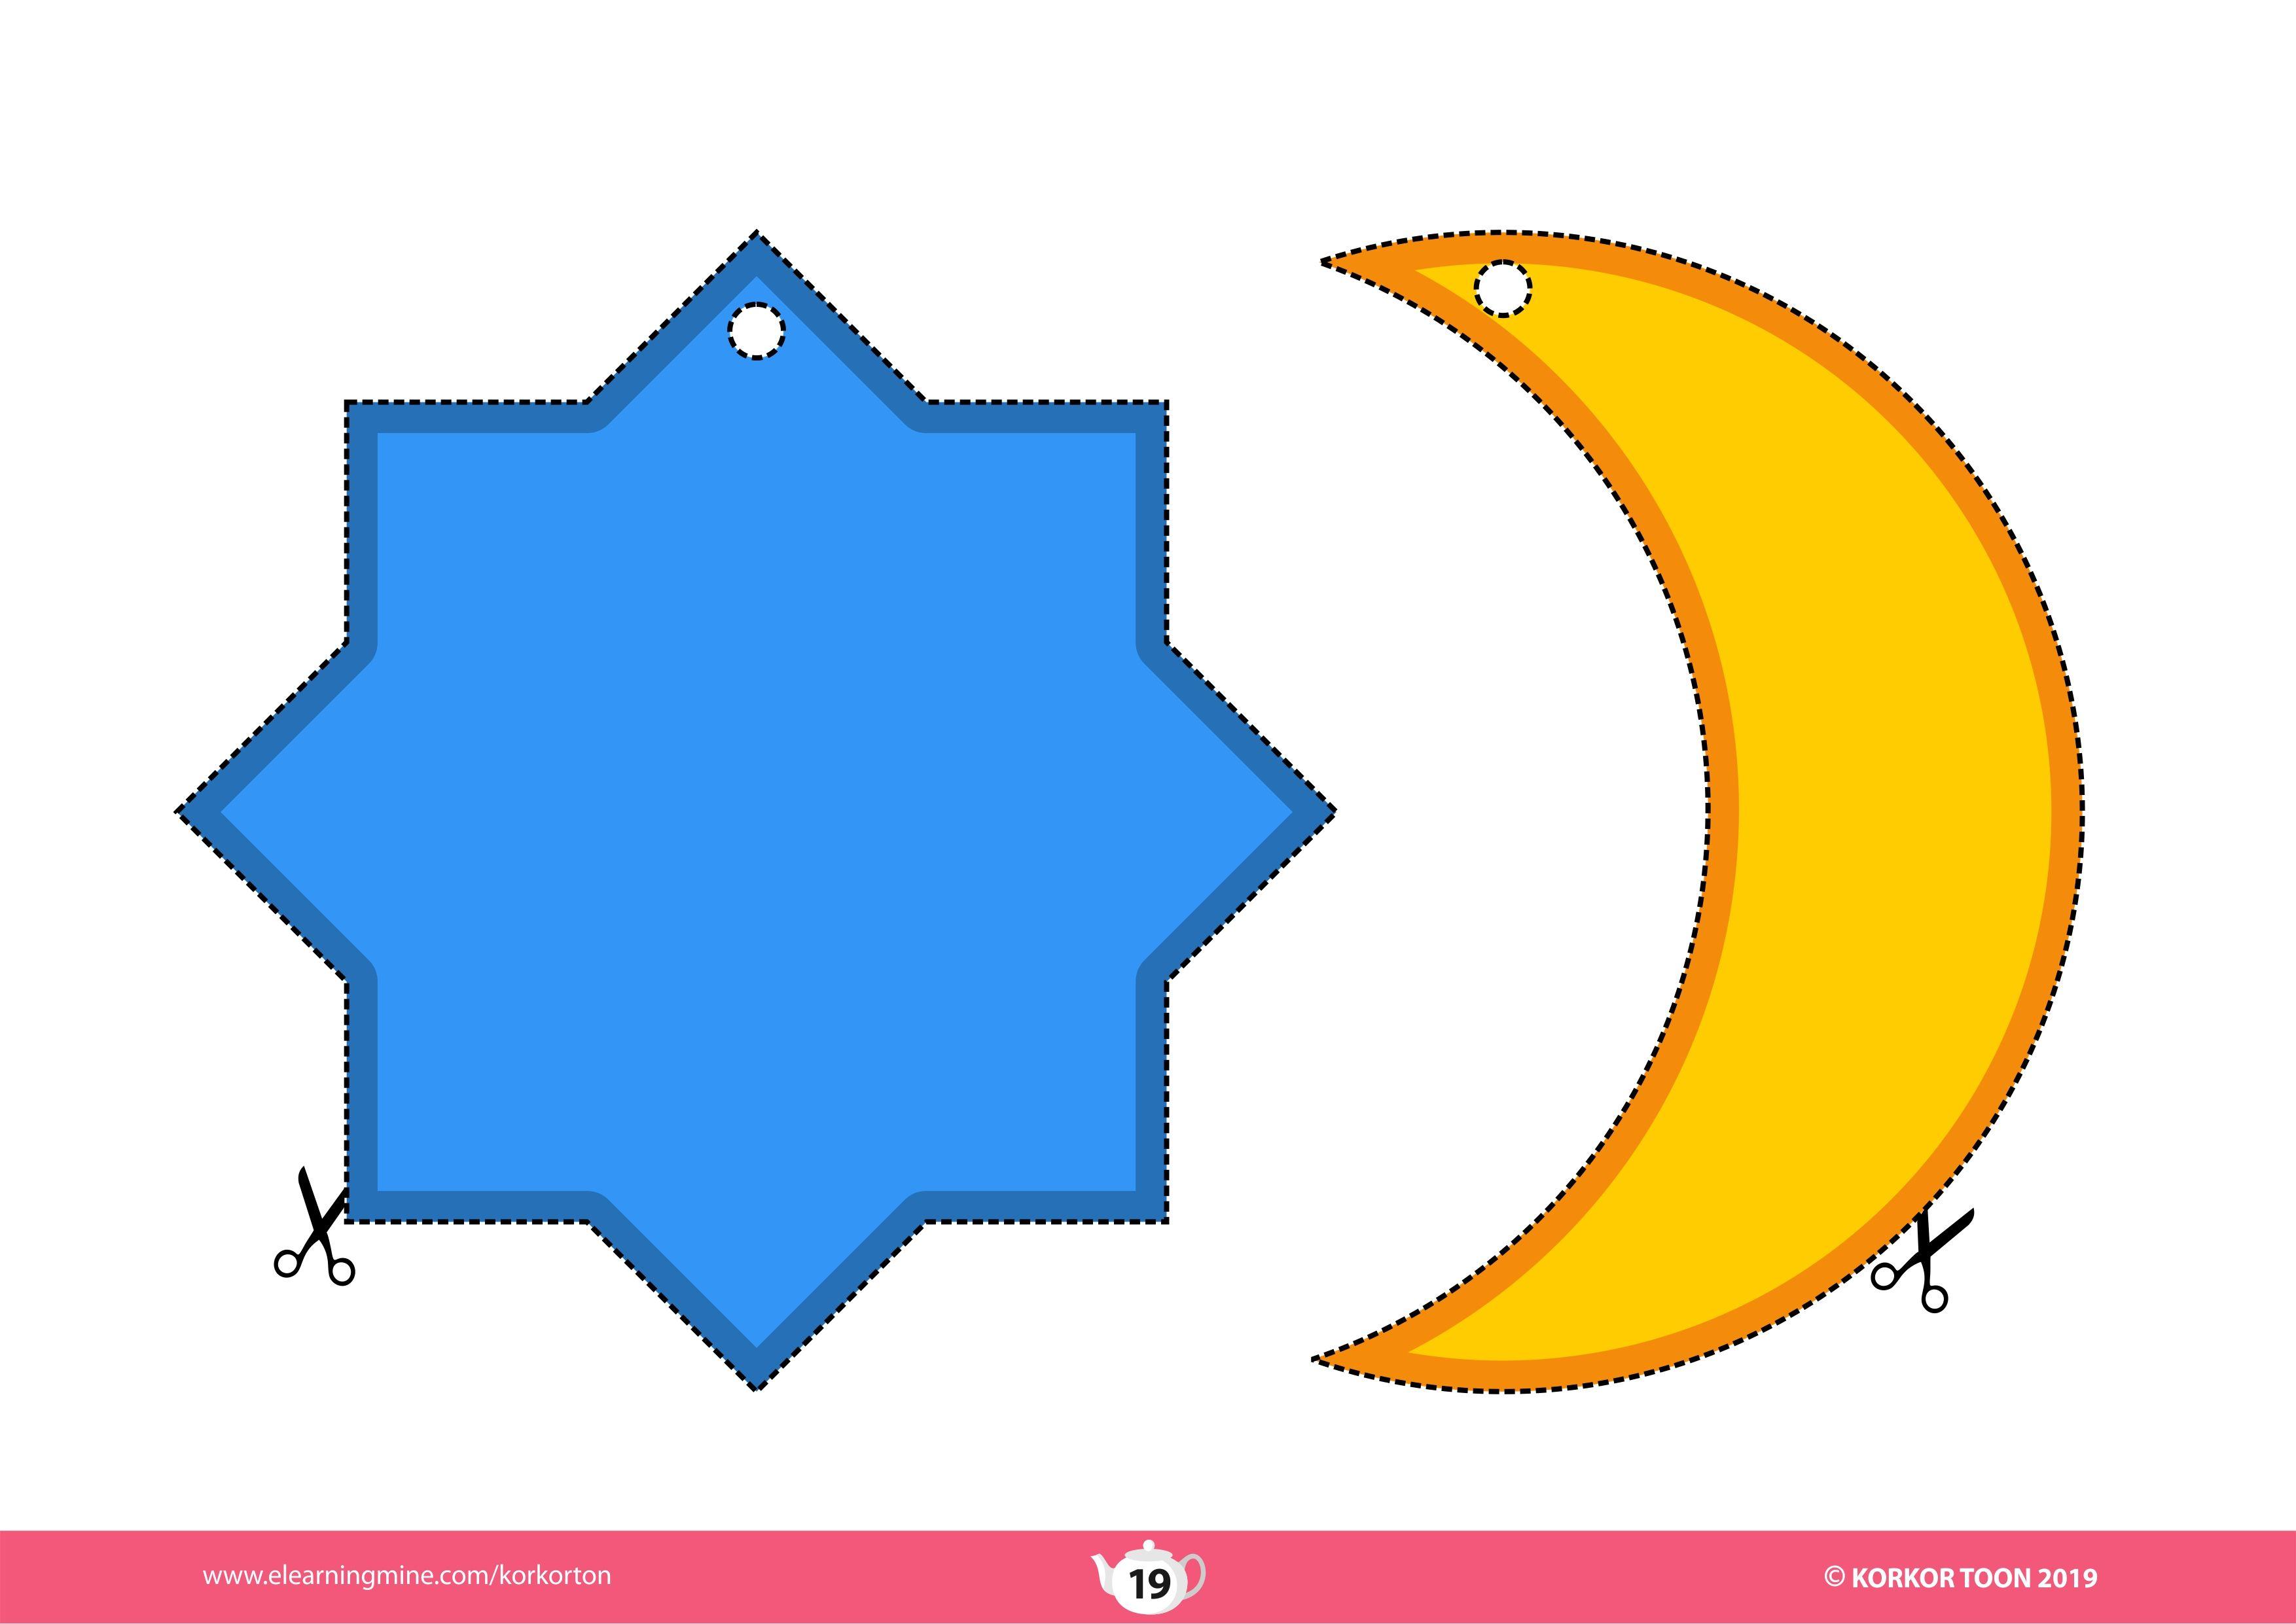 زينة رمضان جاهزة للطباعة Printable Ramadan Decoration Ramadan Decorations Printables Ramadan Decorations Ramadan Lantern